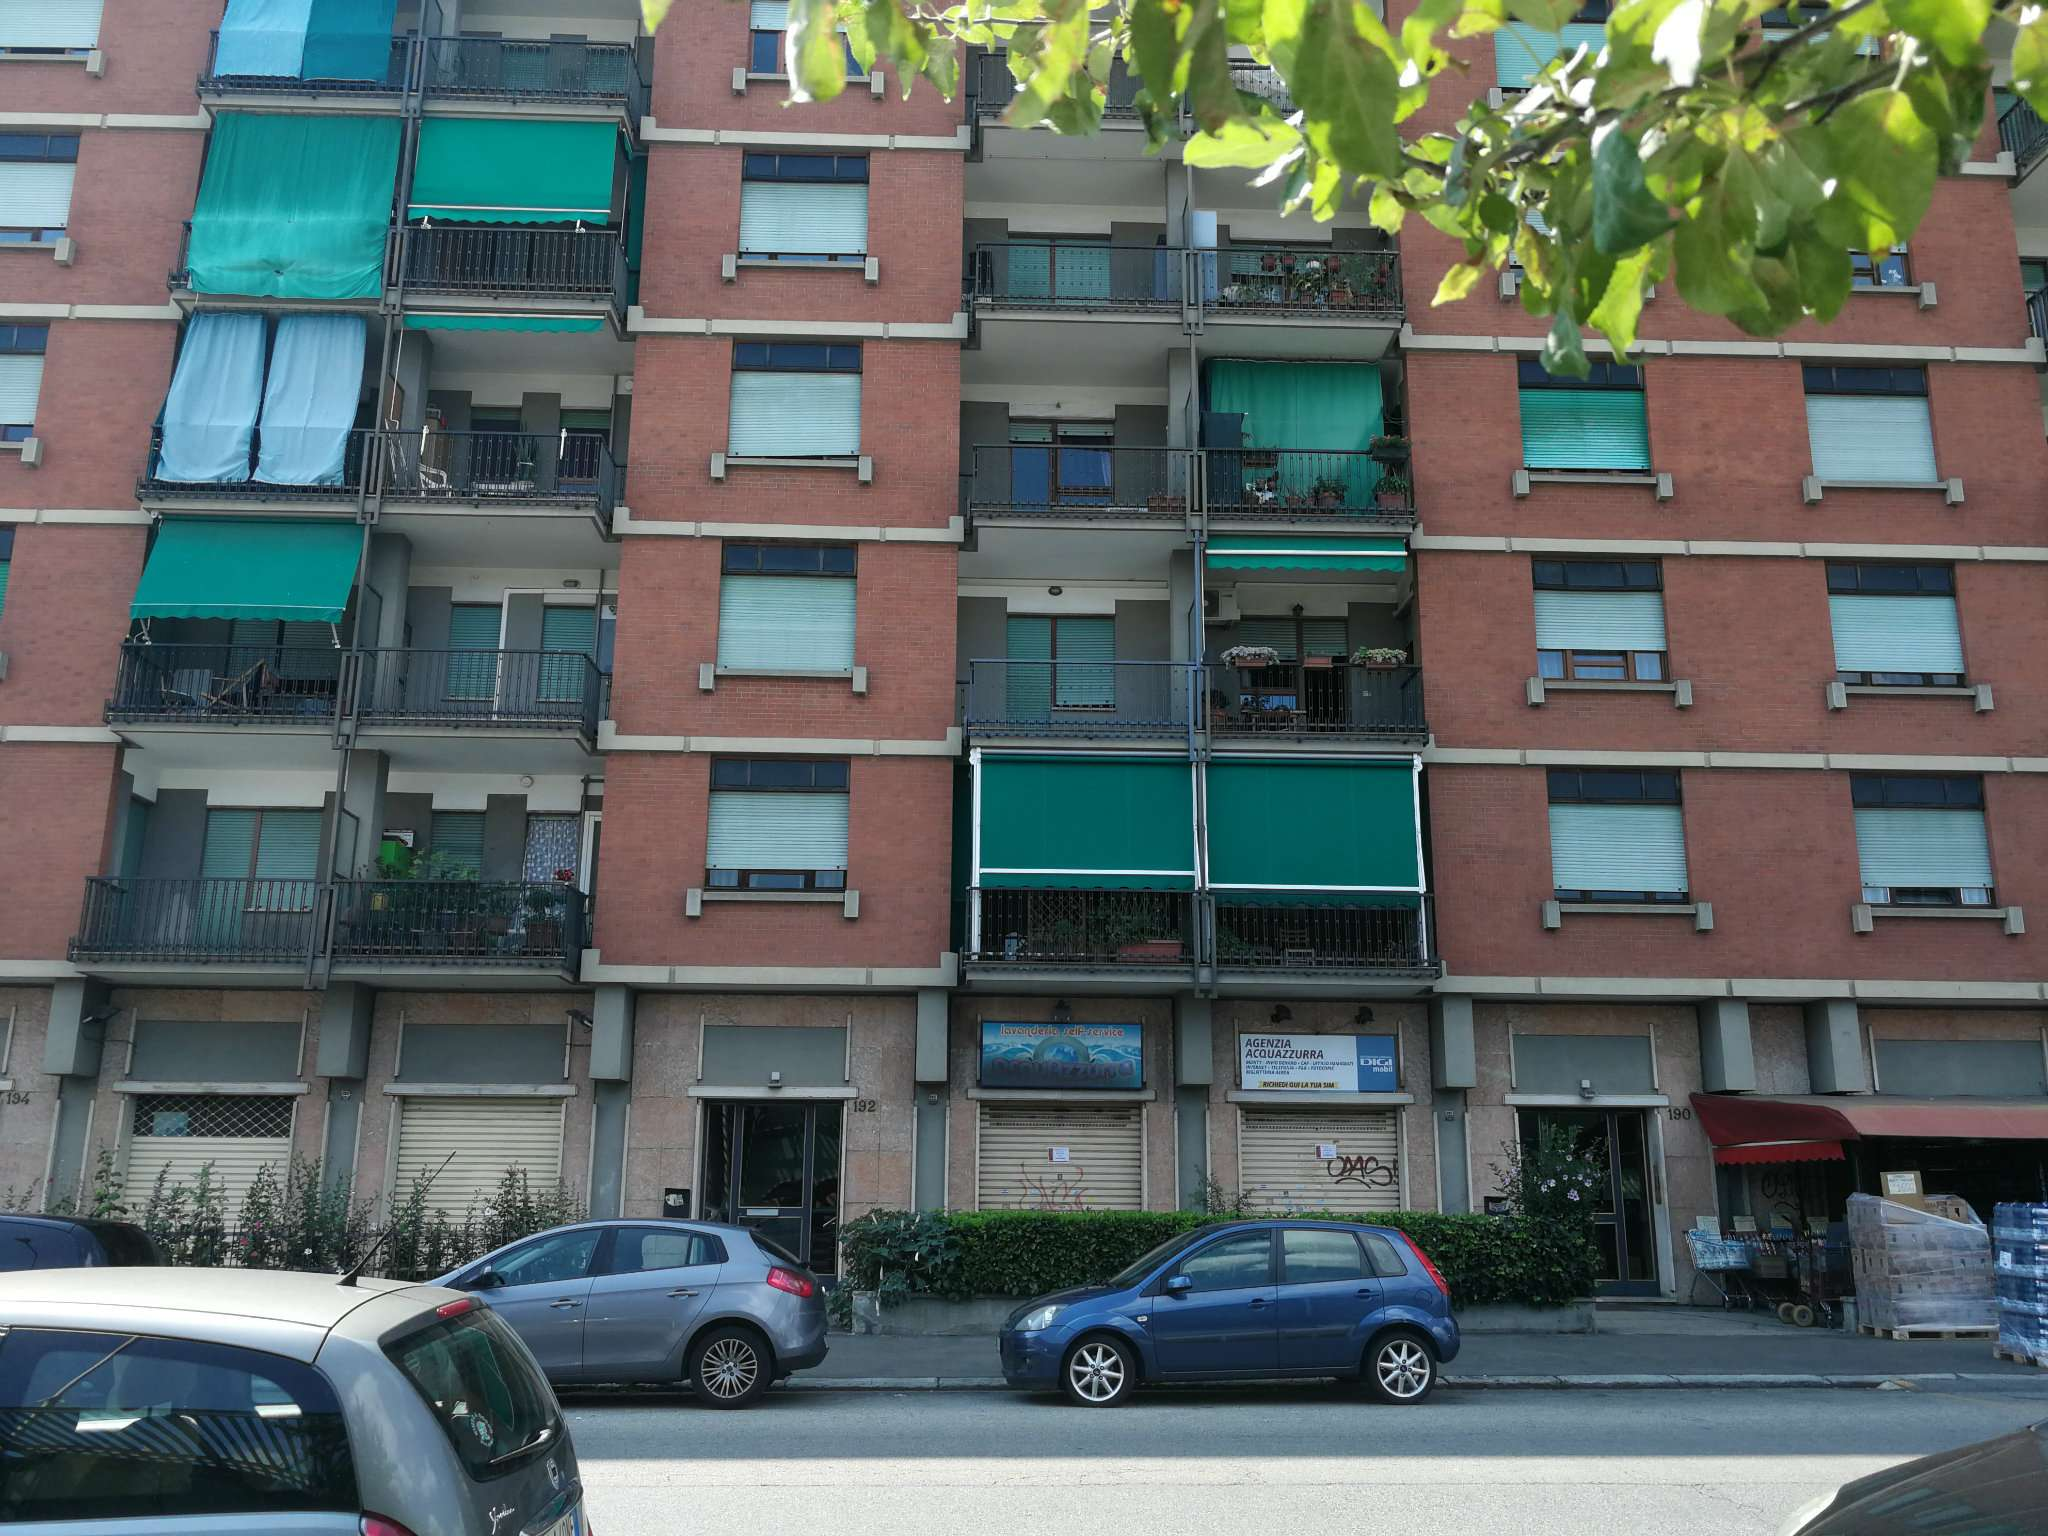 Negozio in affitto Zona Lingotto - via Giordano Bruno 190 Torino